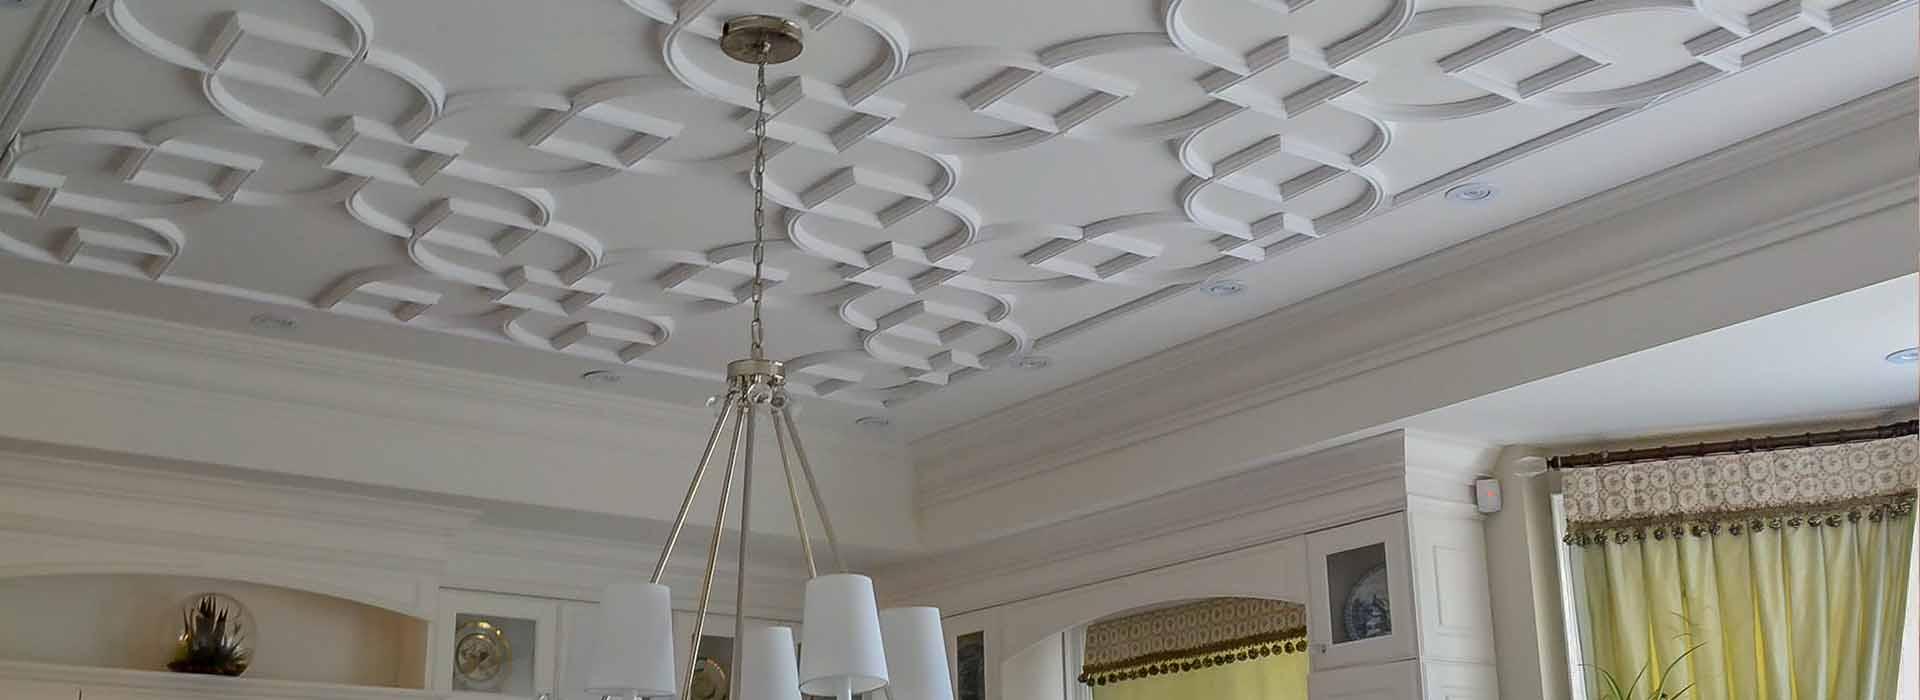 Luxury Interior Design Trends 2018 | Lux Trim